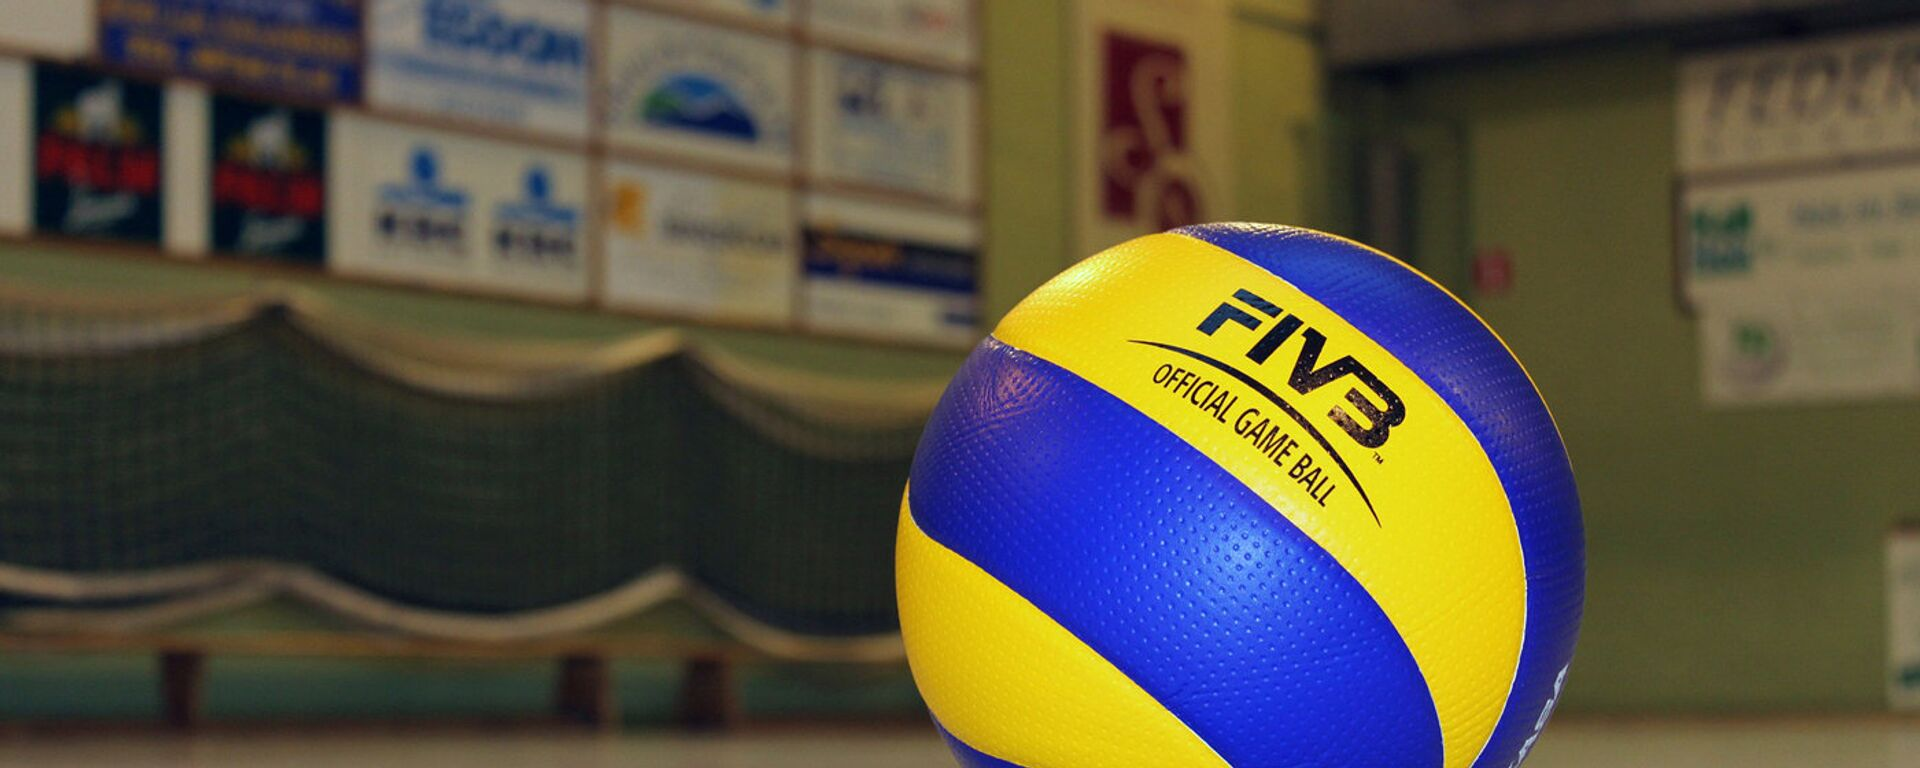 Волейбольный мяч - Sputnik Латвия, 1920, 05.09.2021